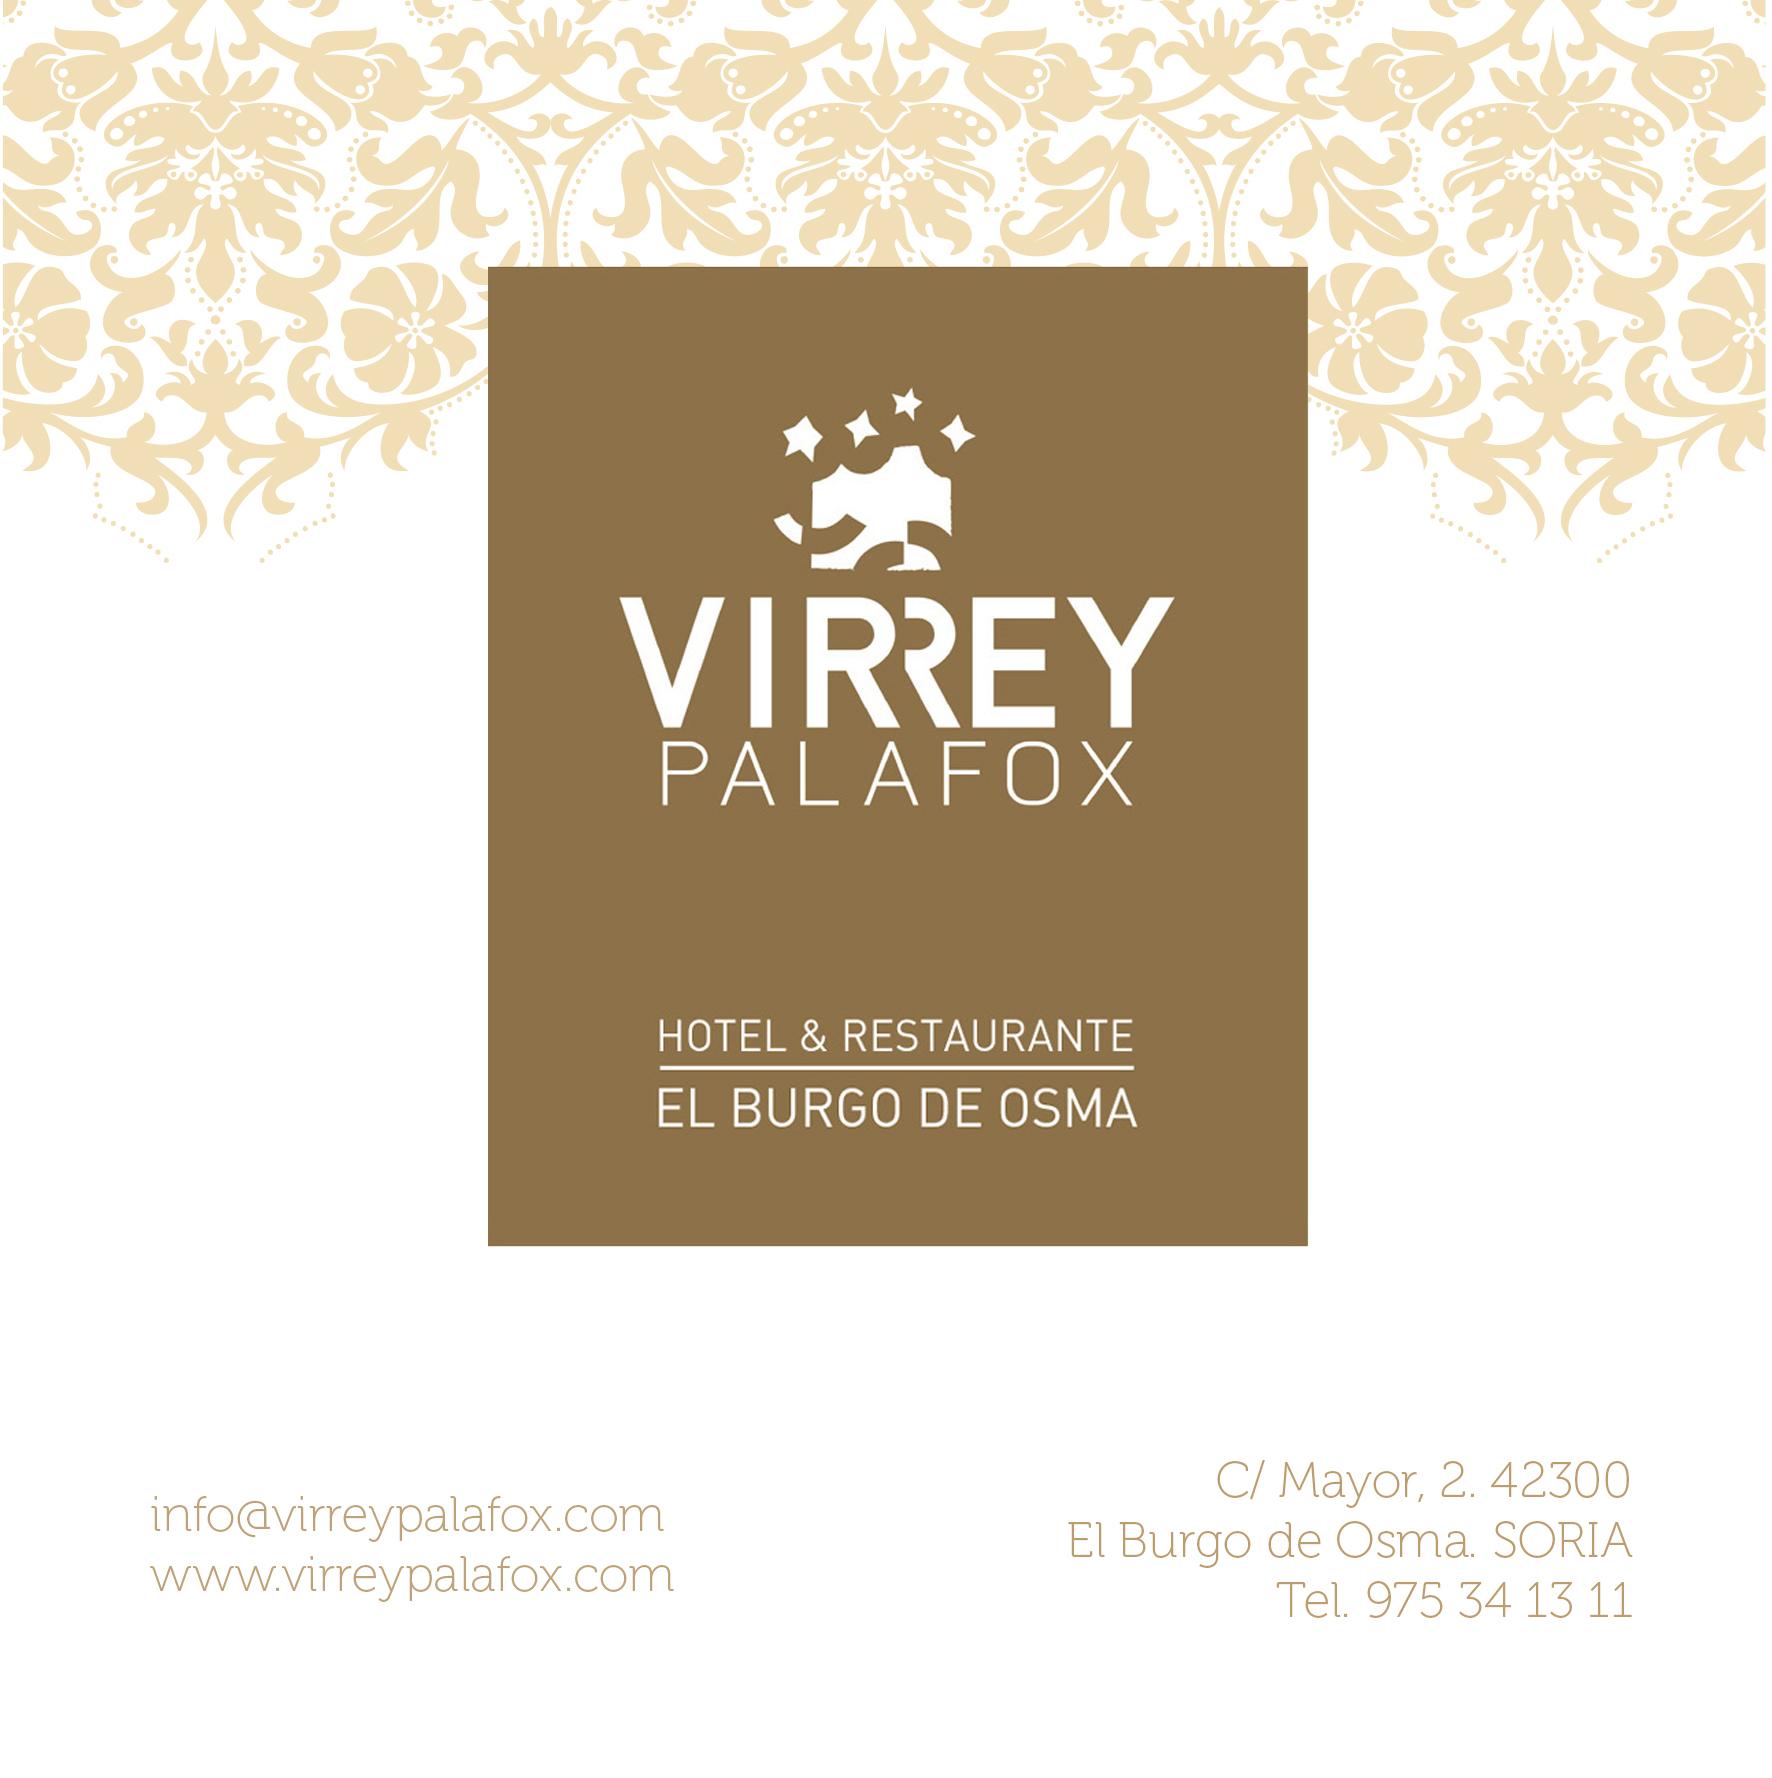 invitacion virrey